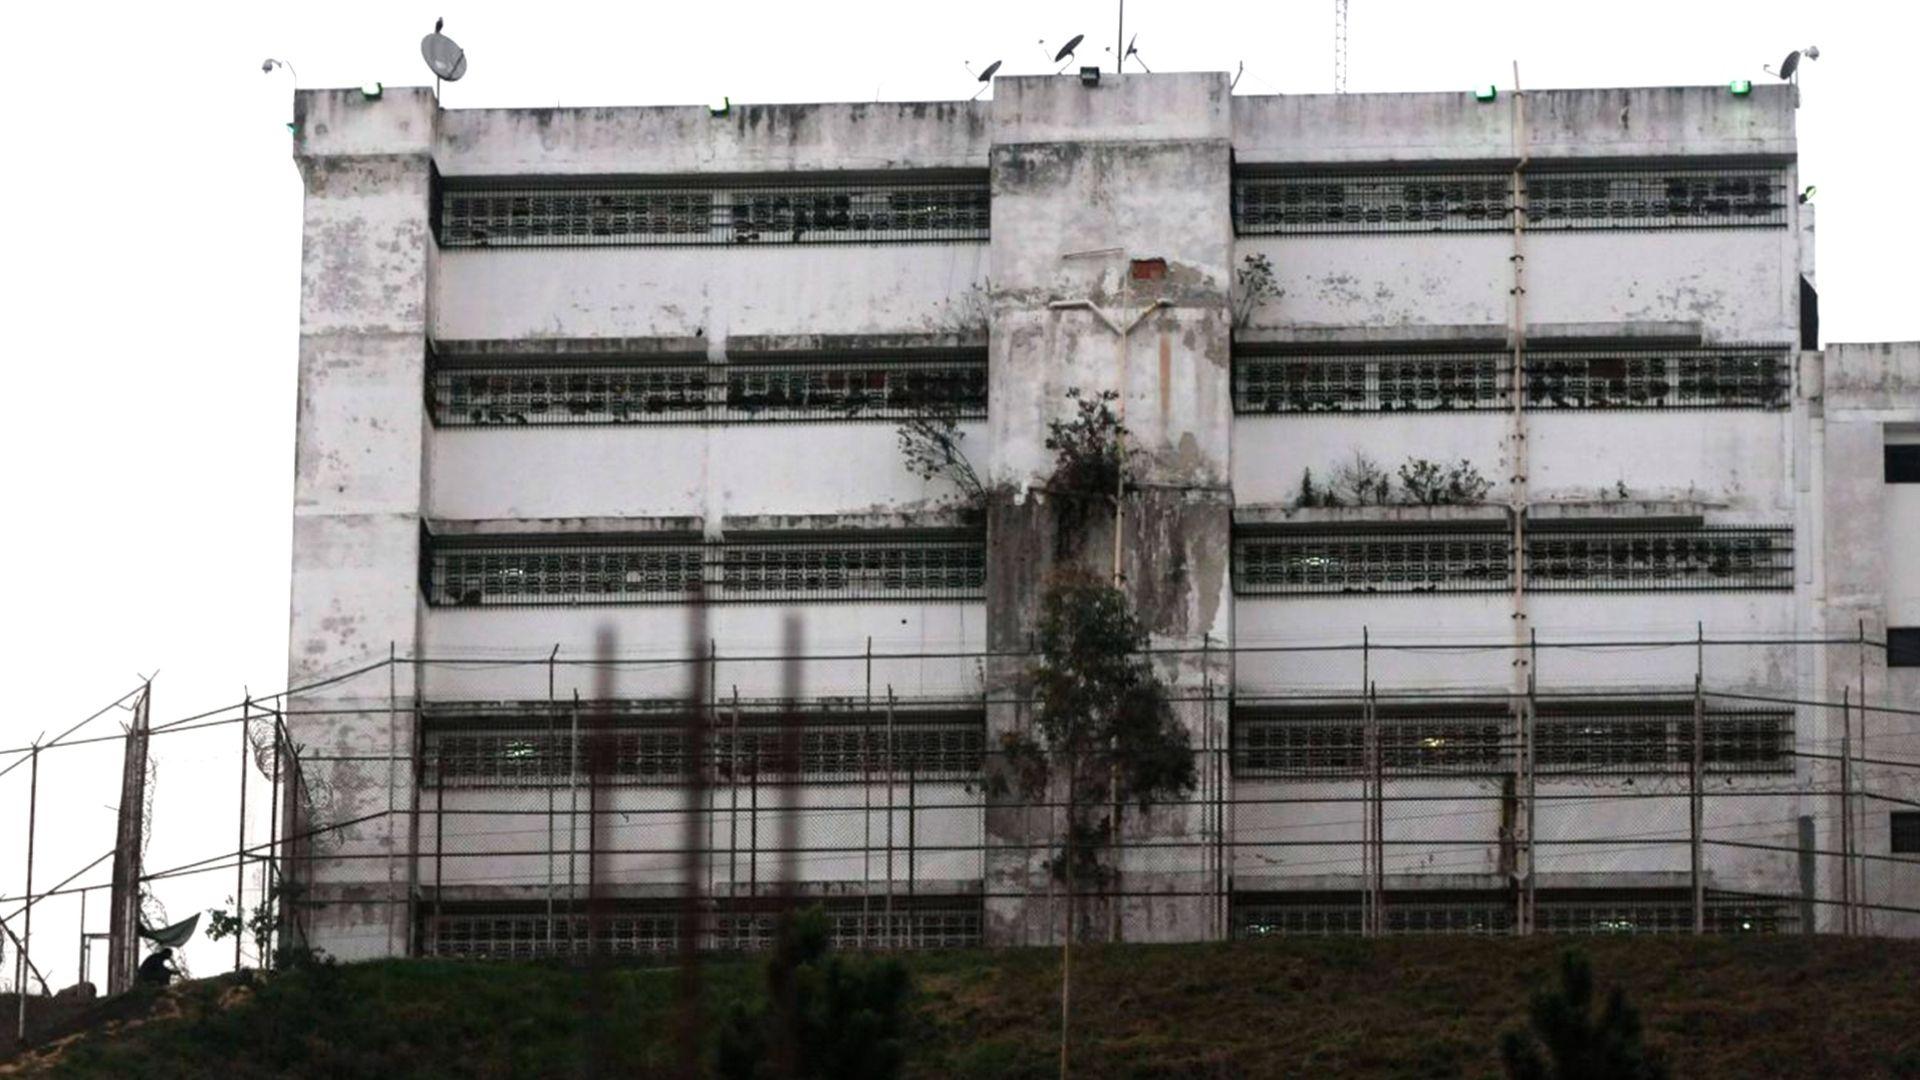 Justicia venezolana denuncia retardo procesal de hasta 750 días en juicios a presos políticos